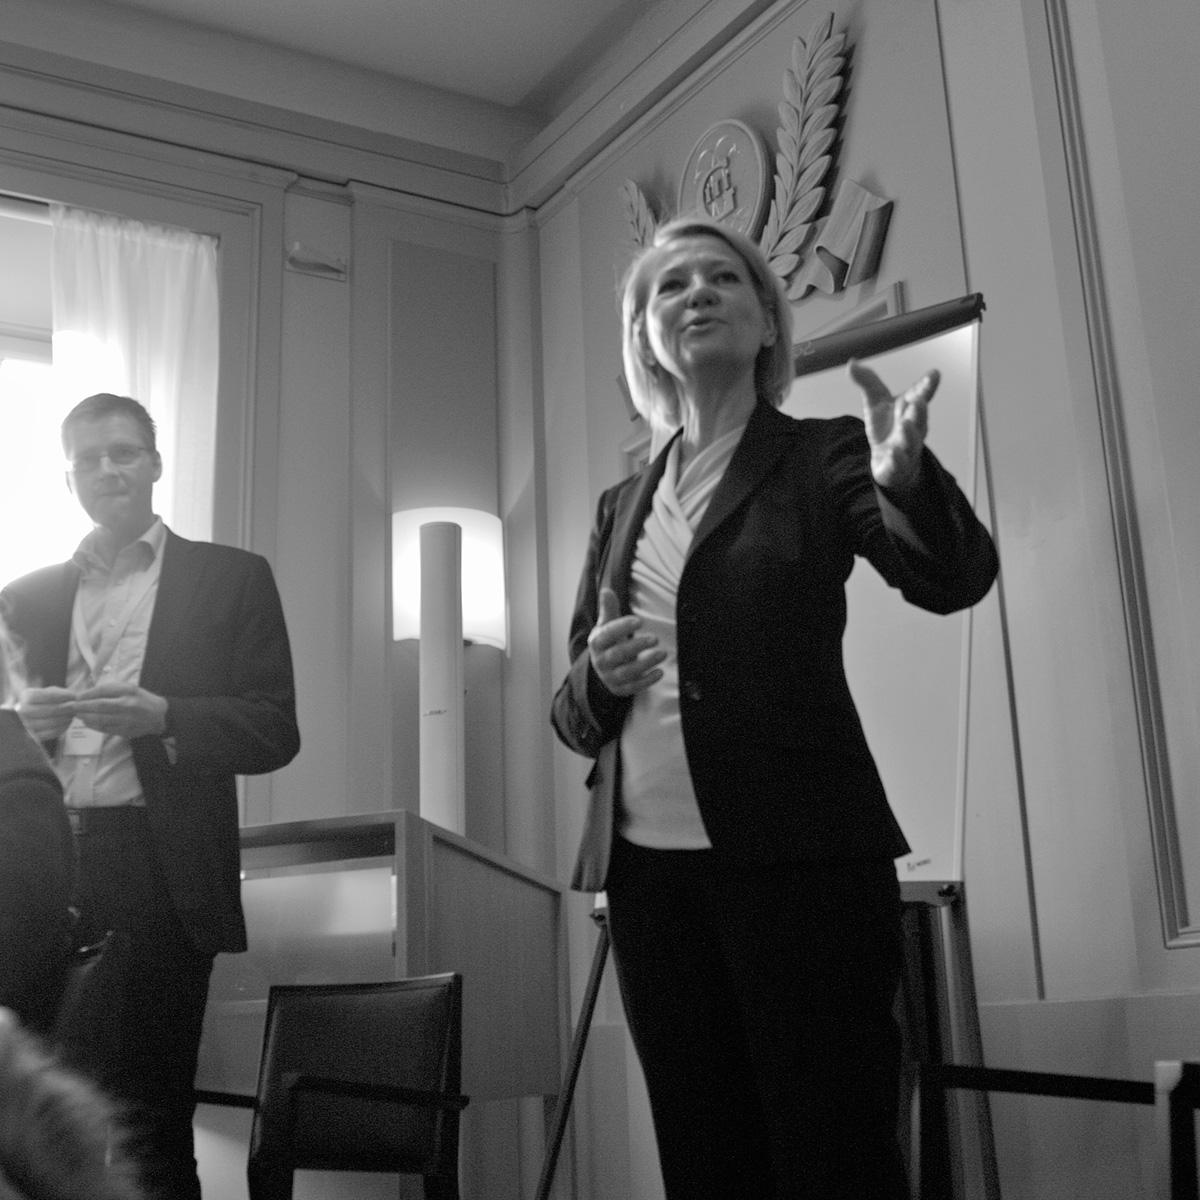 Riksantikvarie Inger Liliequist har ordet och ansvaret för K-samsök. Projektet blev möjligt genom att RAÄ har tagit på sig ansvaret att drifta och utveckla K-samsök.